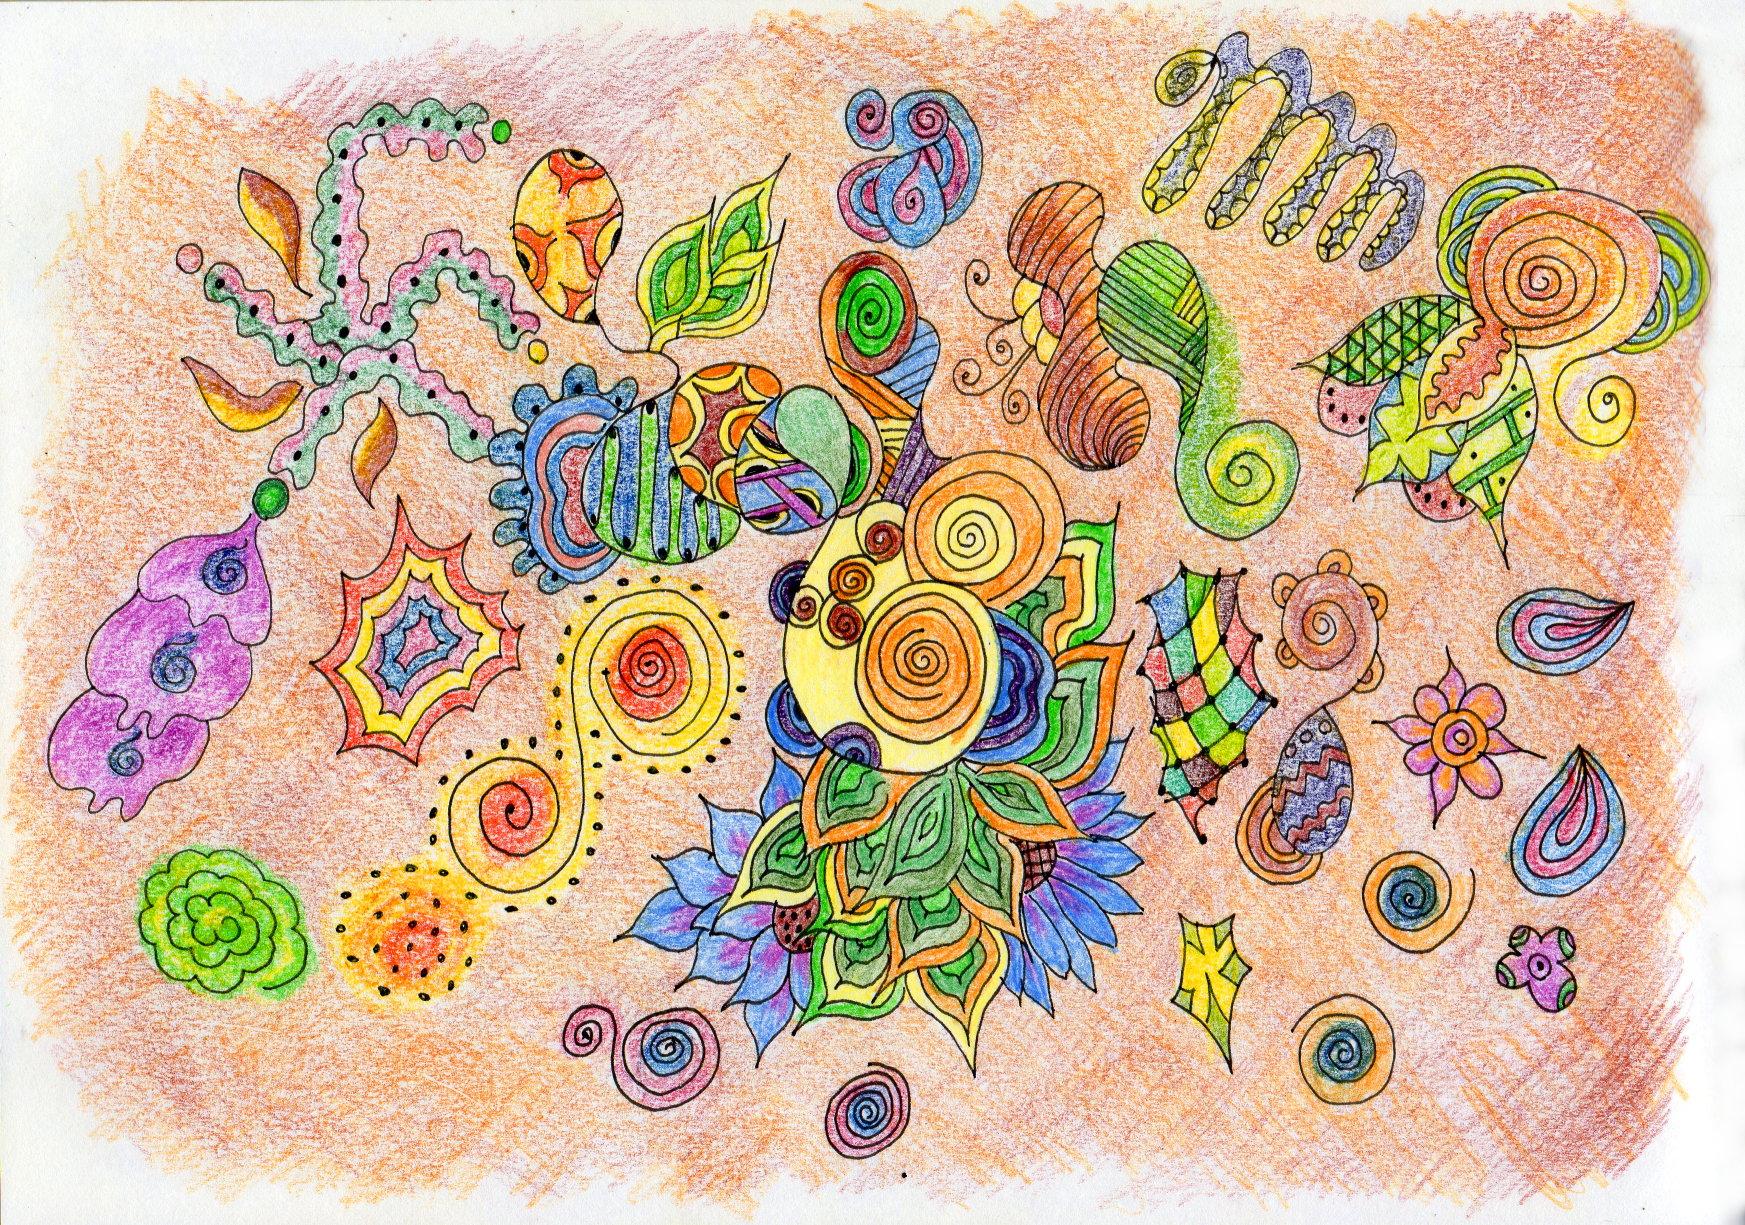 Zen doodle colour - Zendoodle1